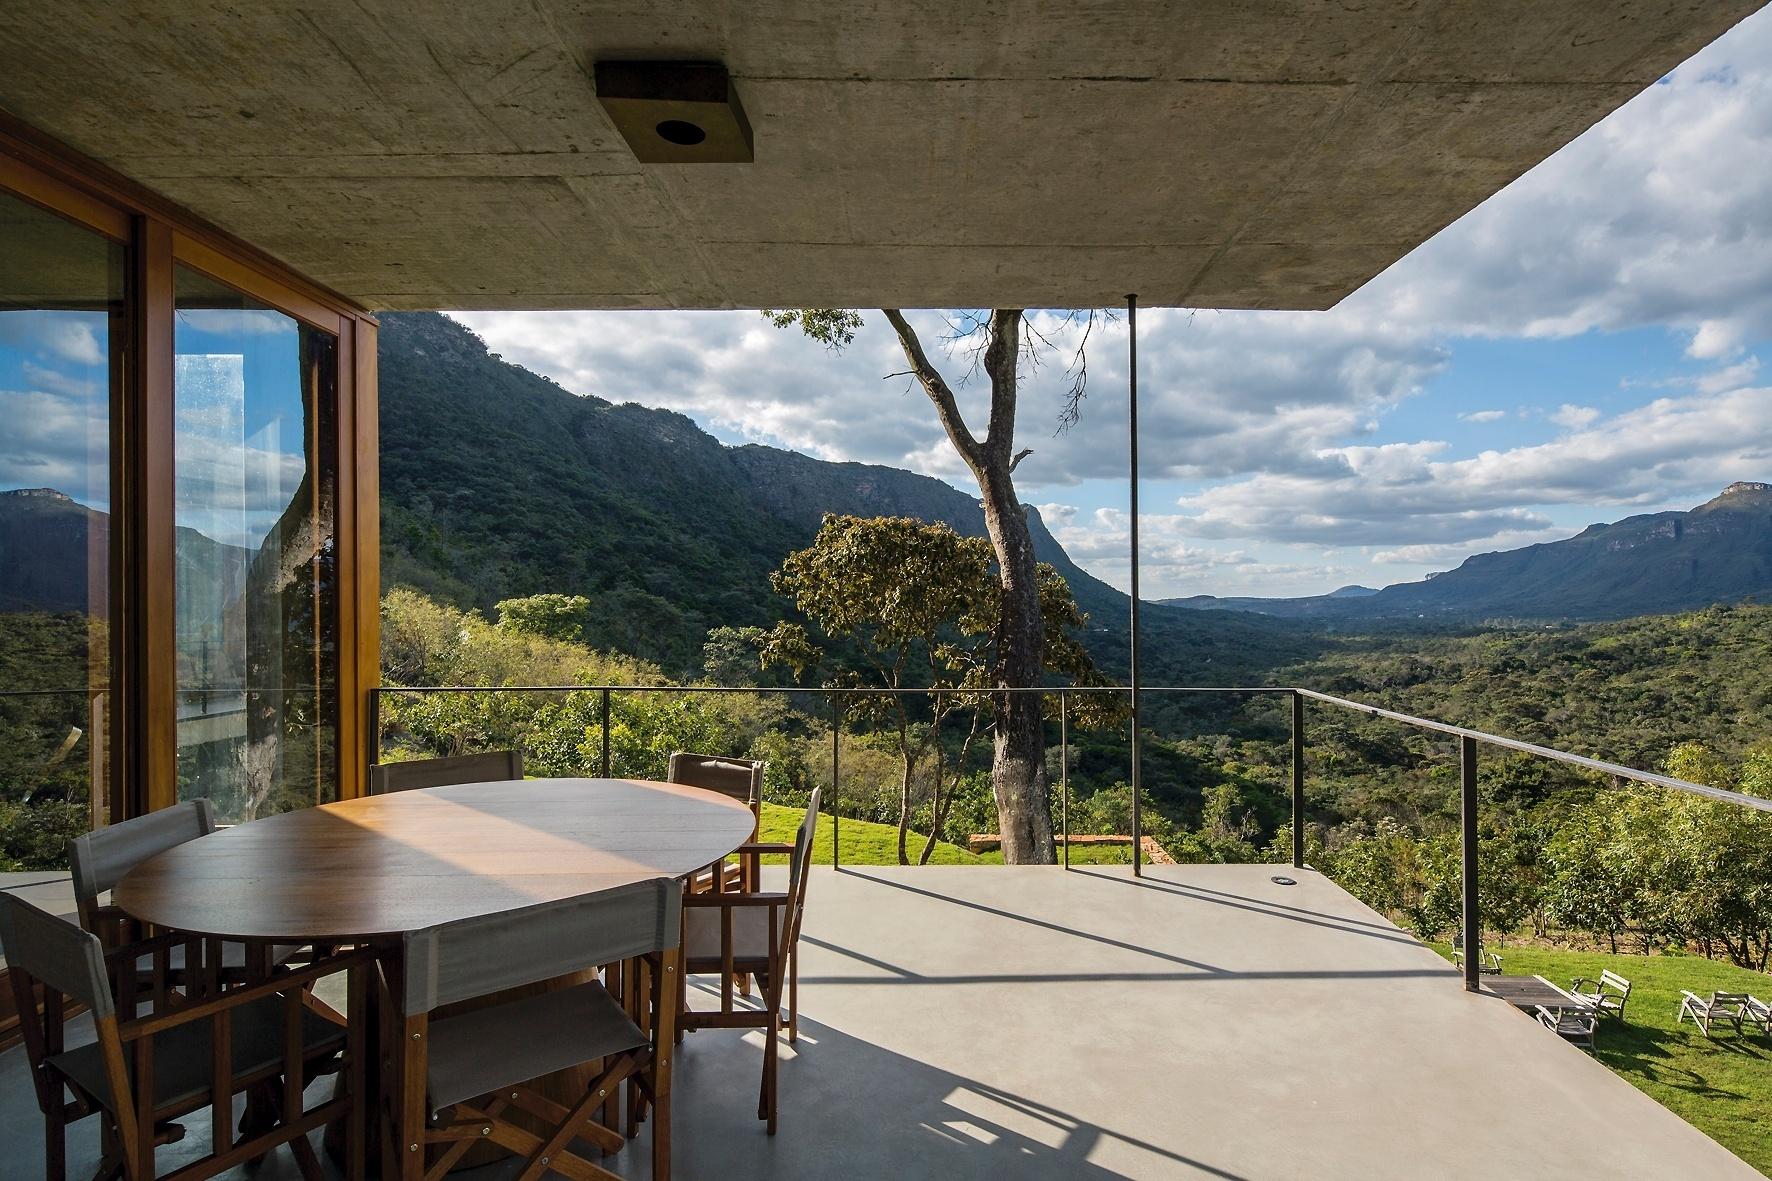 Da varanda do estar é possível desfrutar a paisagem da Chapada Diamantina (BA) e a imensidão do vale com suas montanhas verdes. A Casa do Bomba foi projetada pelo escritório Sotero Arquitetos